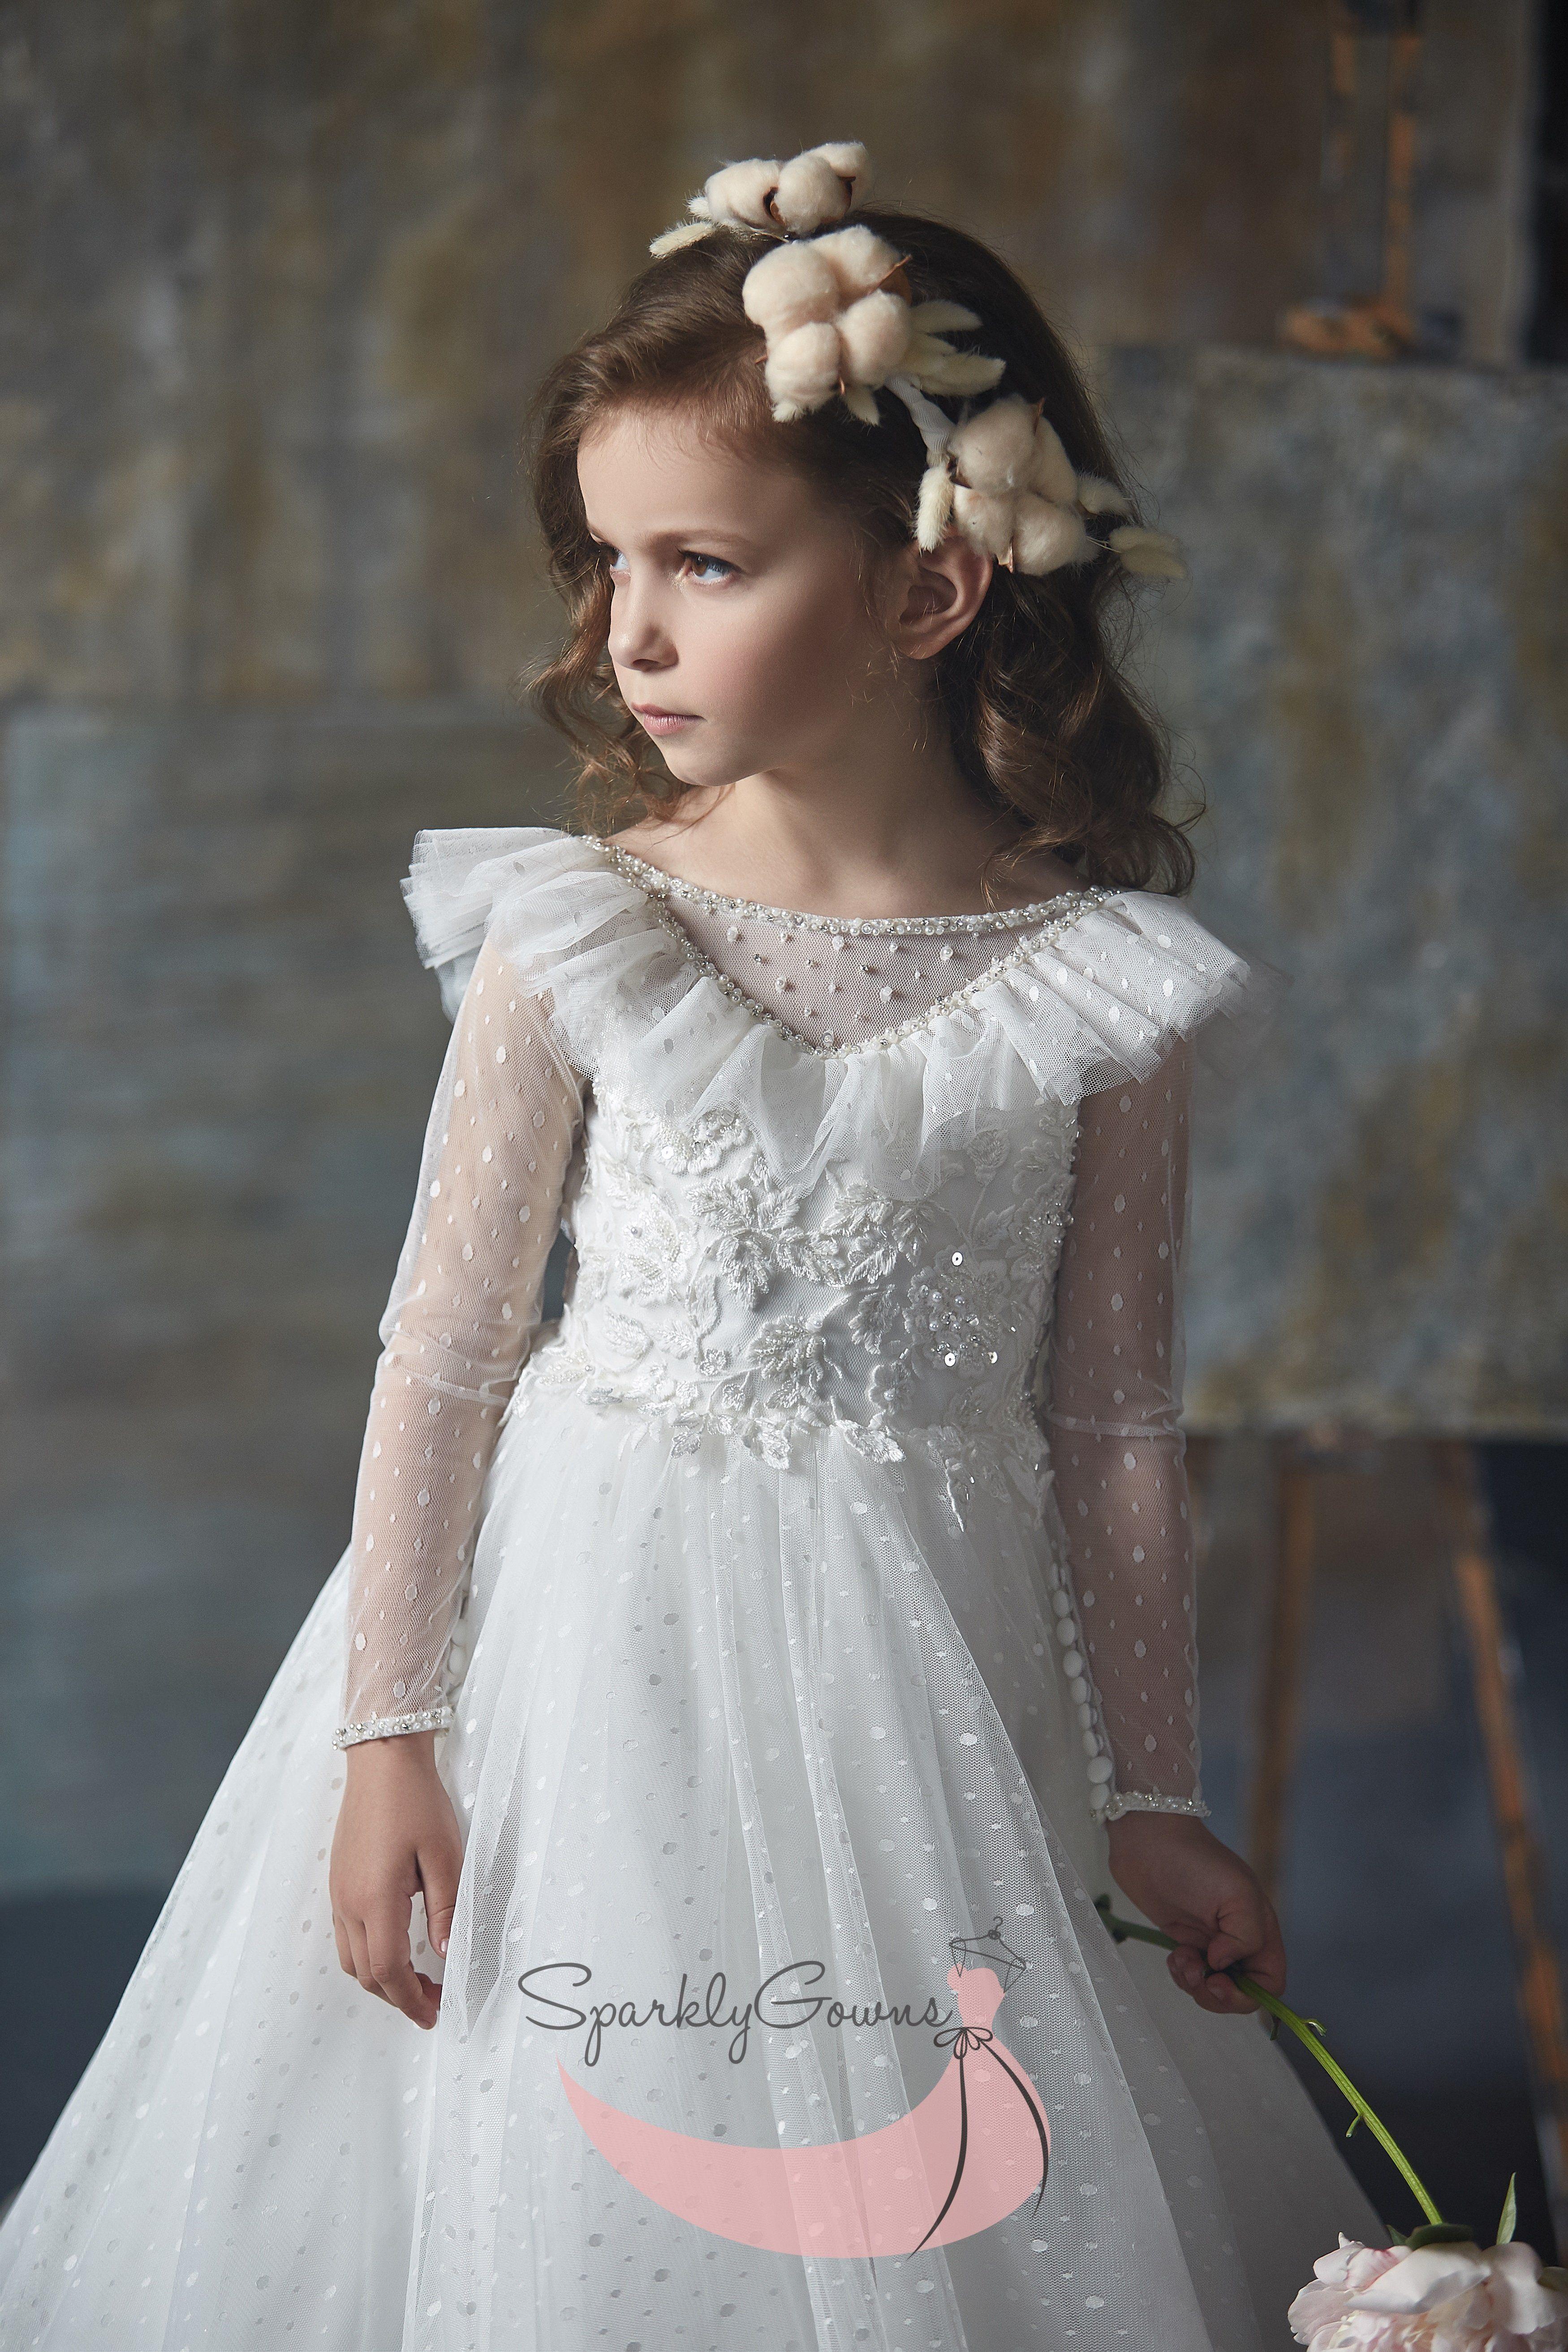 Ruffles Long Sleeve First Communion Flower Girl Dress 3002 White Flower Girl Dresses Flower Girl Dresses Dresses [ 5250 x 3500 Pixel ]